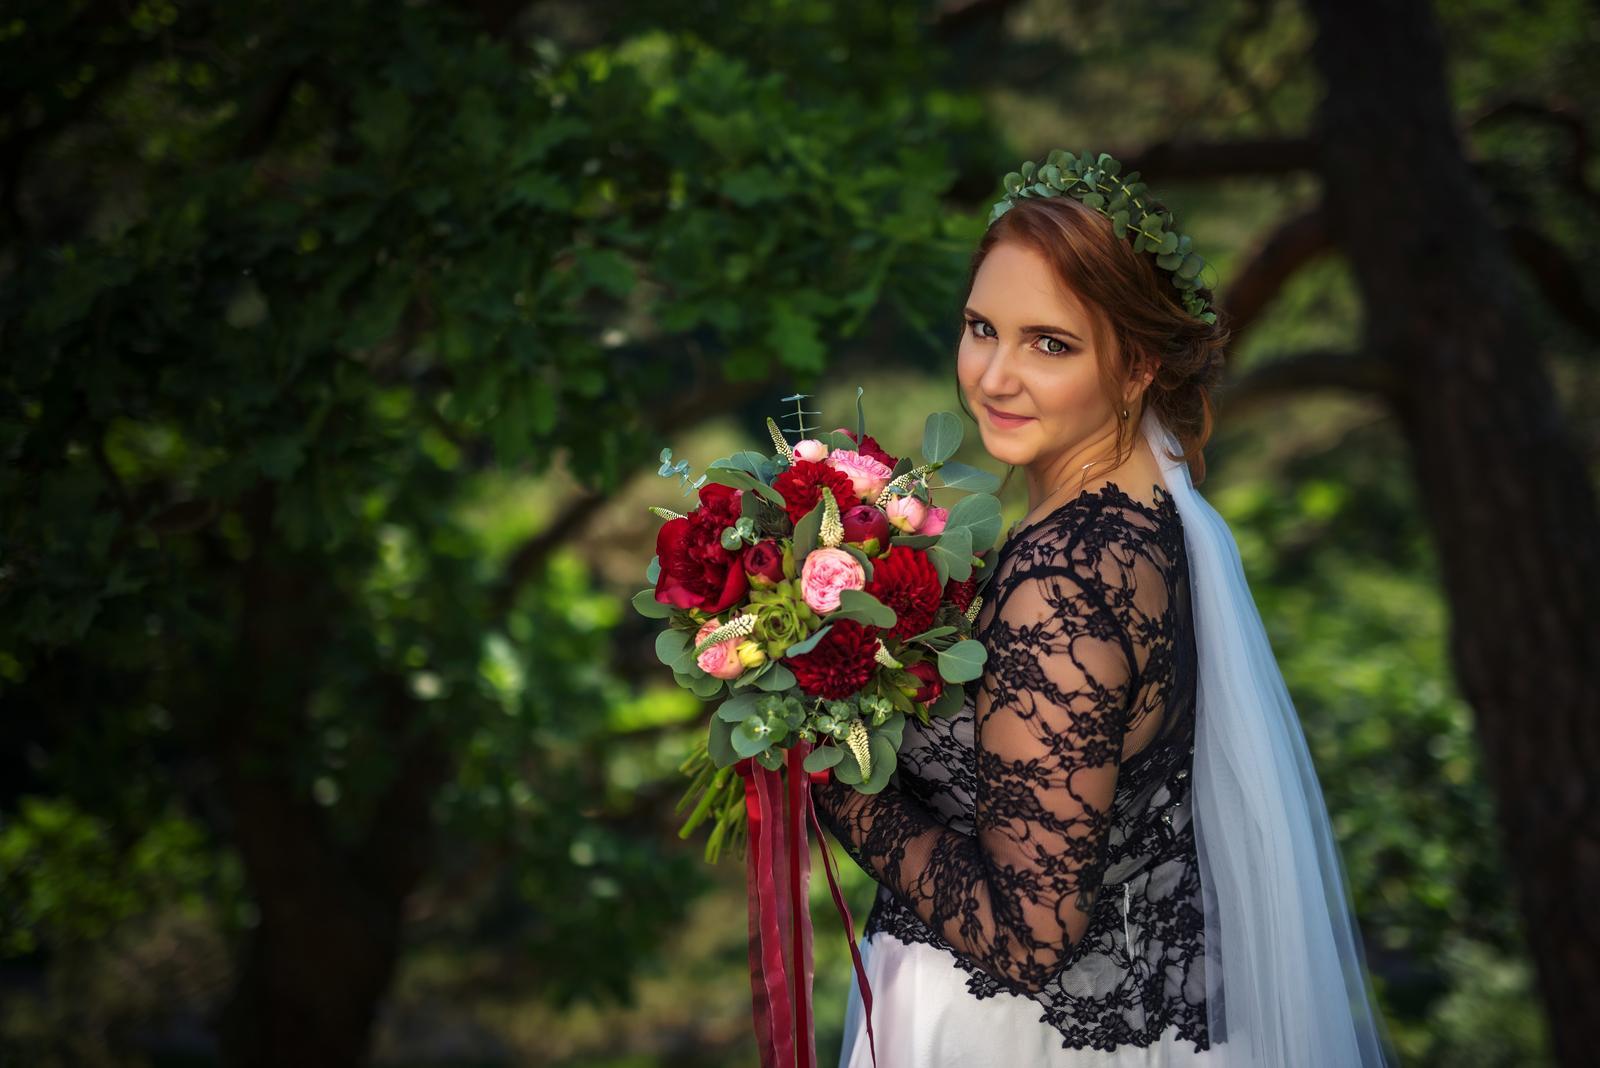 Svatební líčení a účes pro nevěstu Zdeničku | Vlašim - Obrázek č. 1